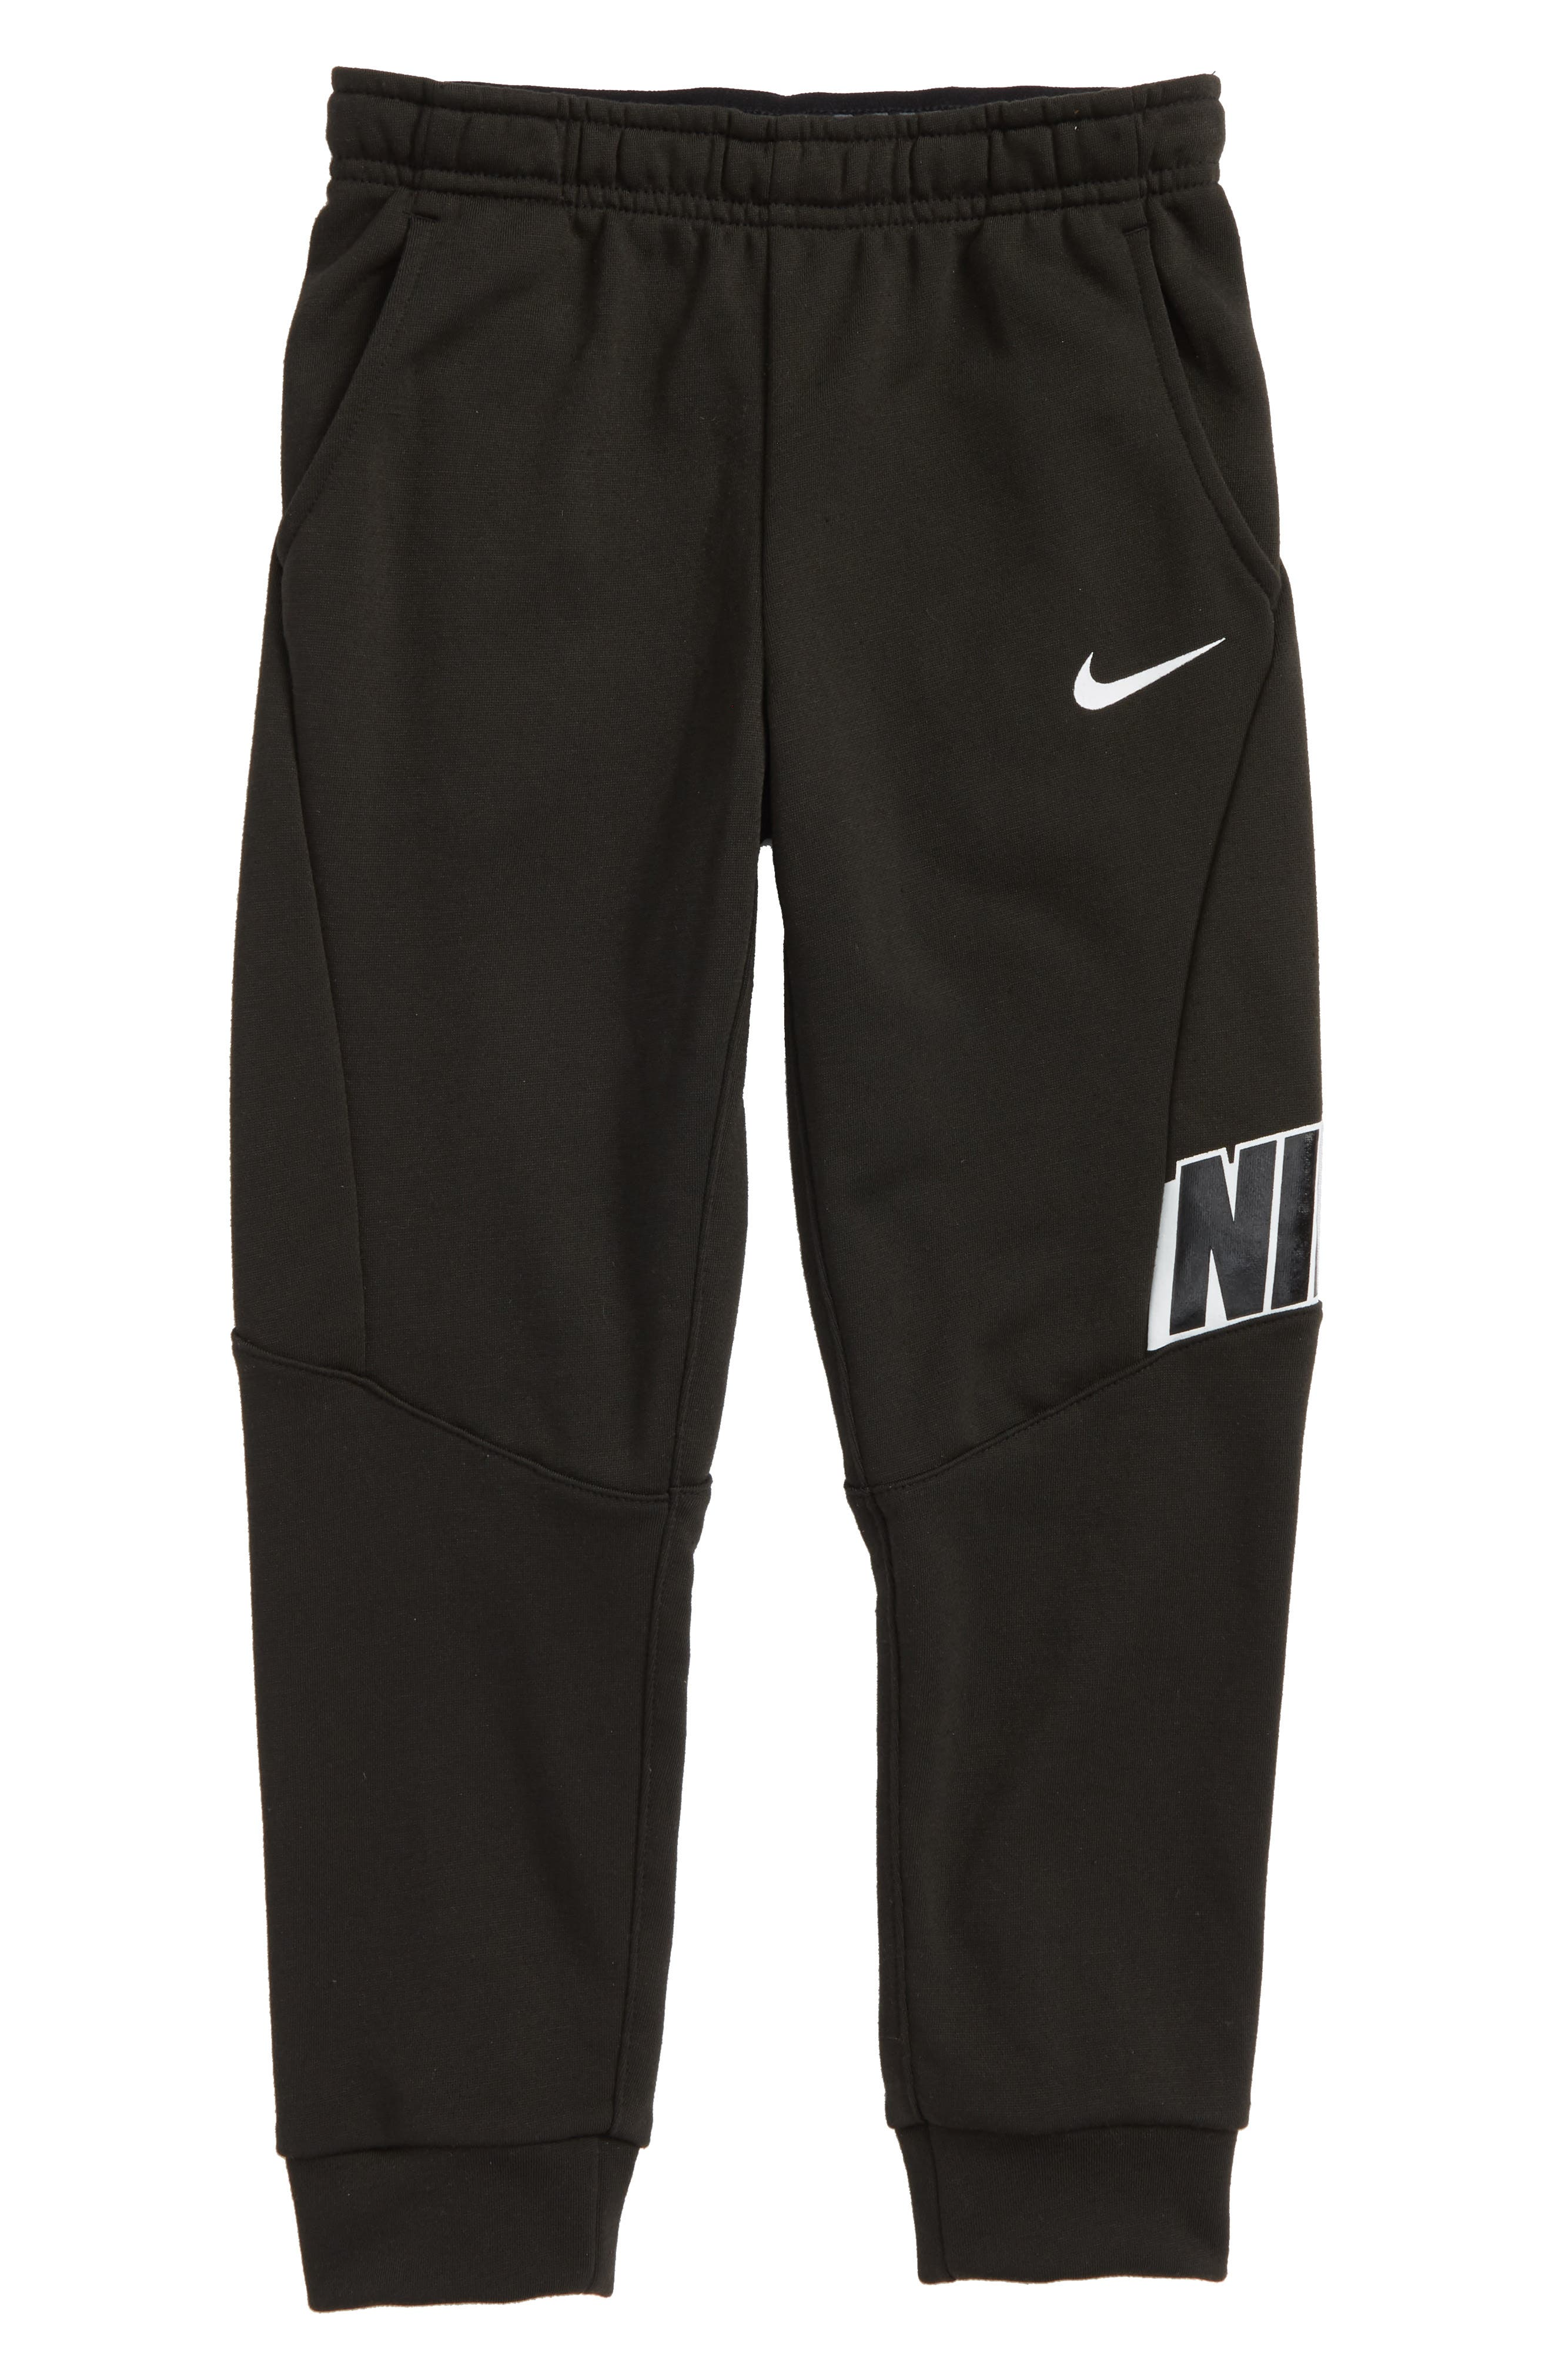 NIKE Dry Sweatpants, Main, color, 008